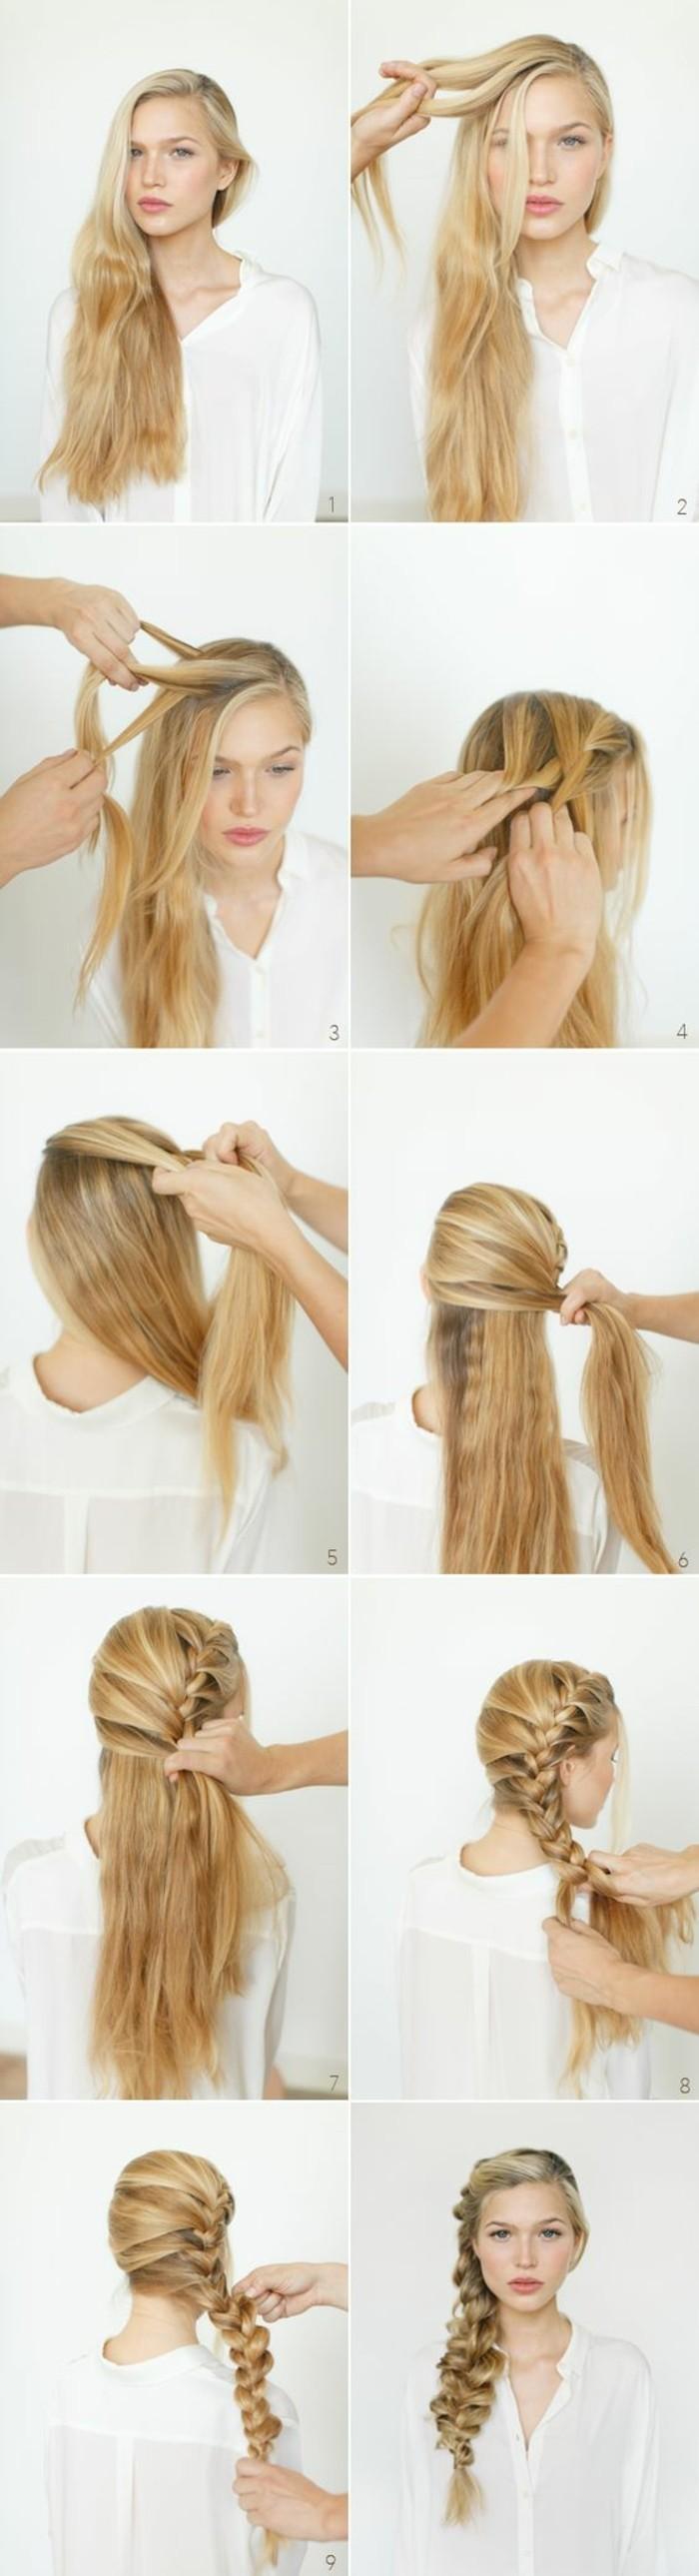 0-coiffure-facile-et-rapide-chveux-longs-tuto-coiffure-cheveux-longs-blonds-femme